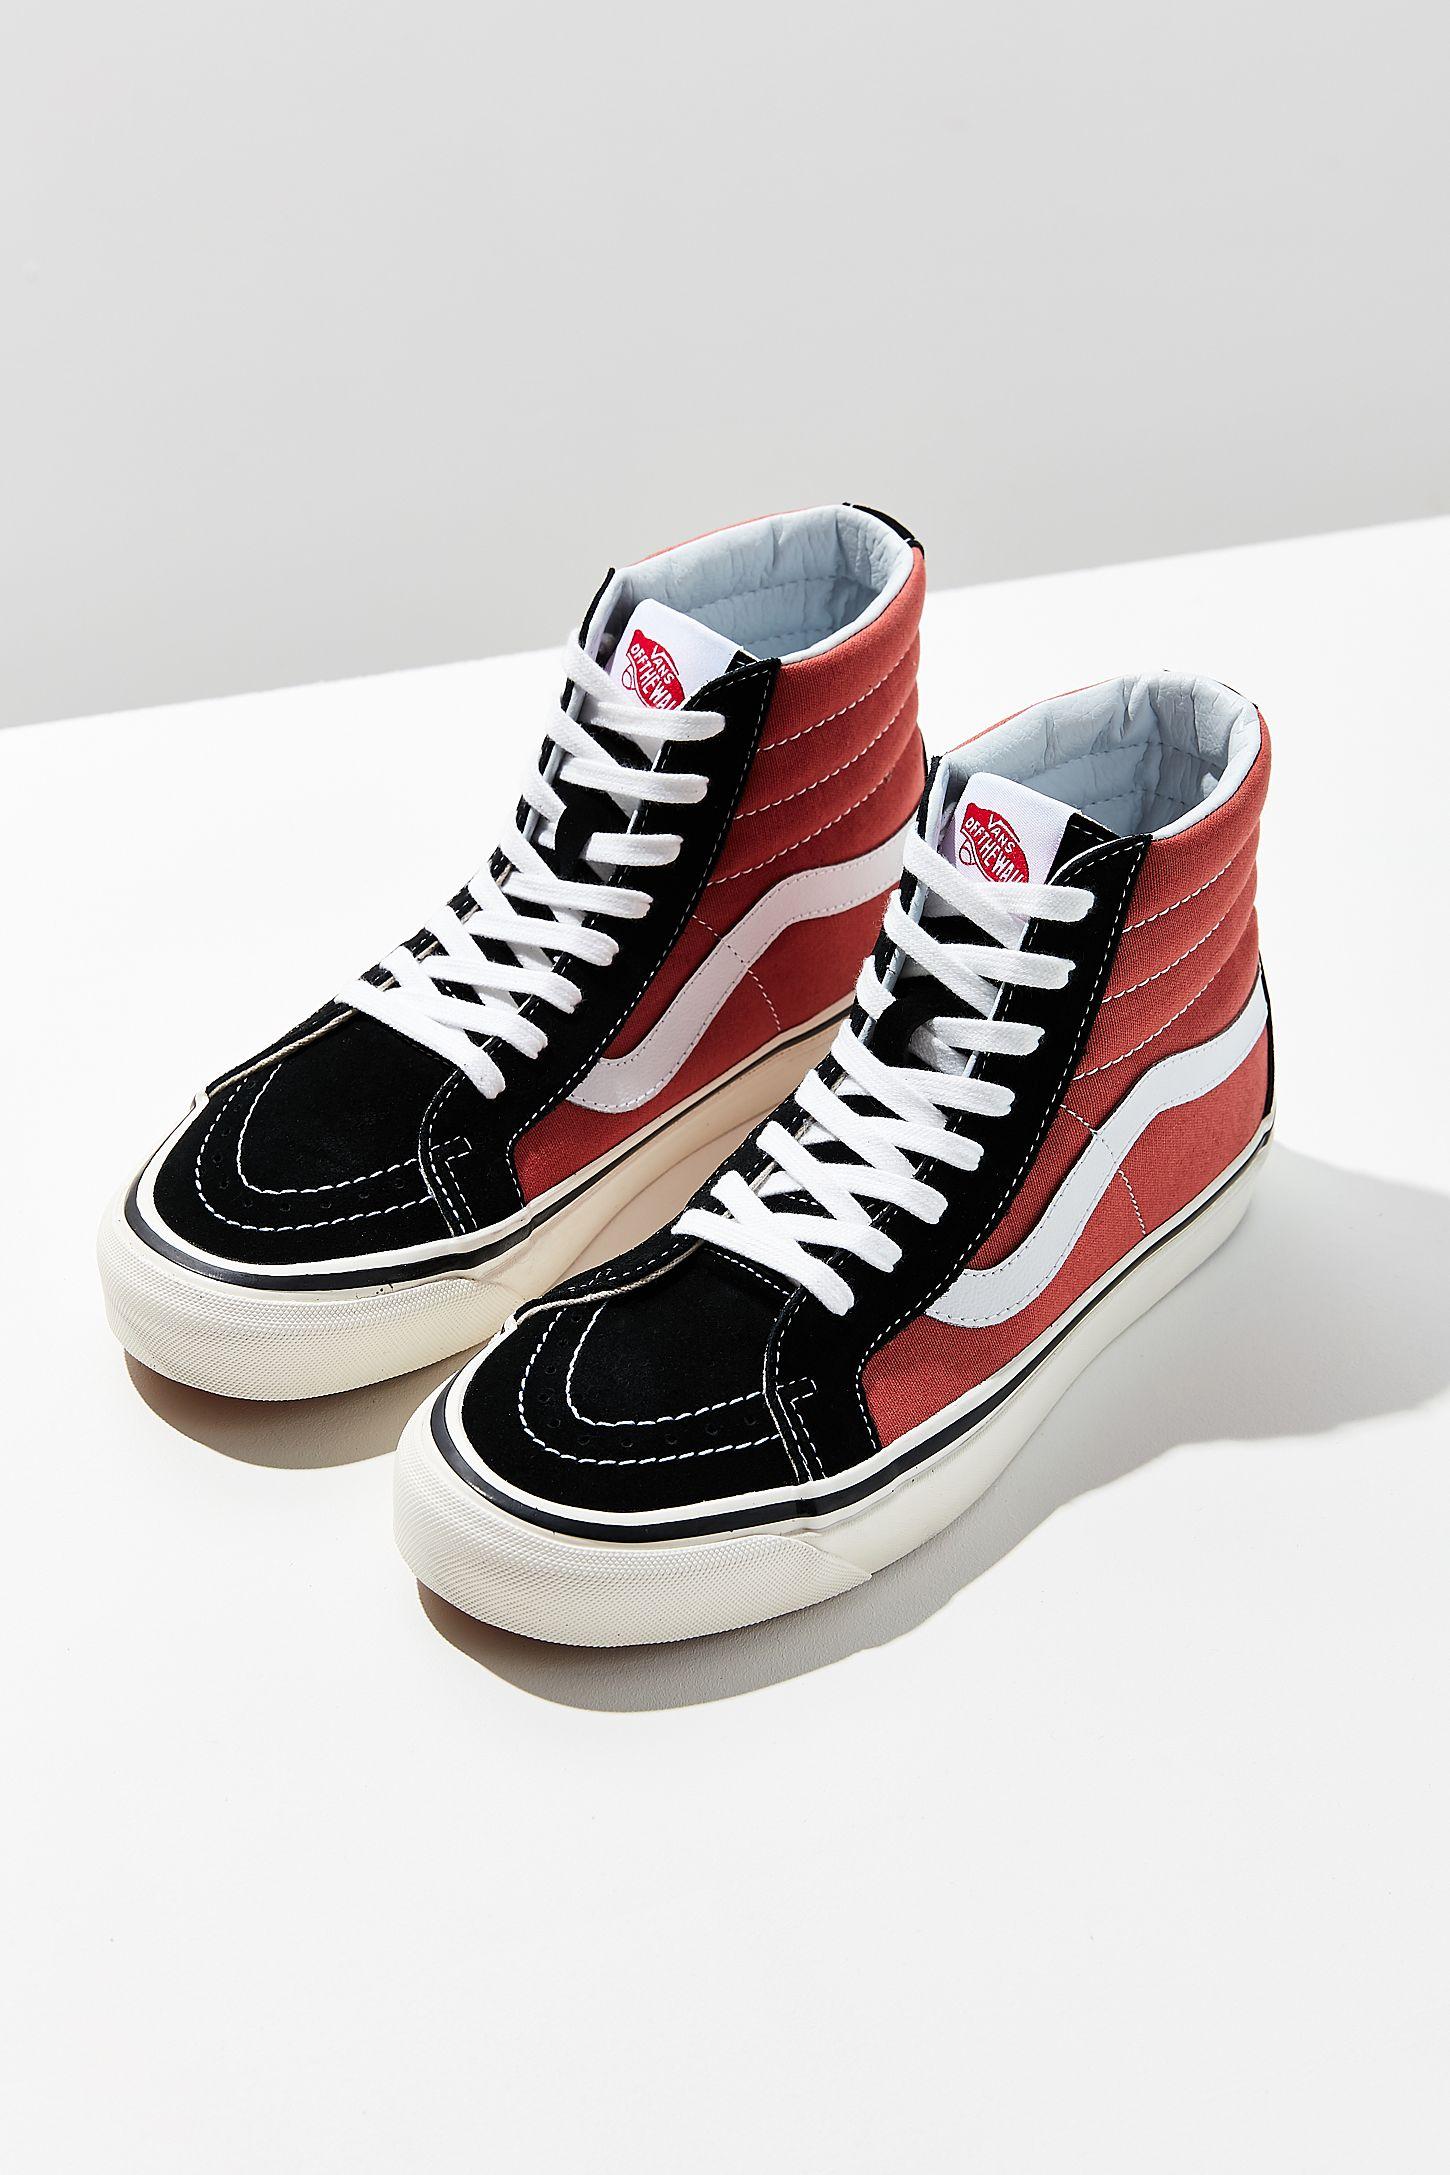 19df186eb8 Vans Anaheim Factory Sk8-Hi 38 DX Sneaker